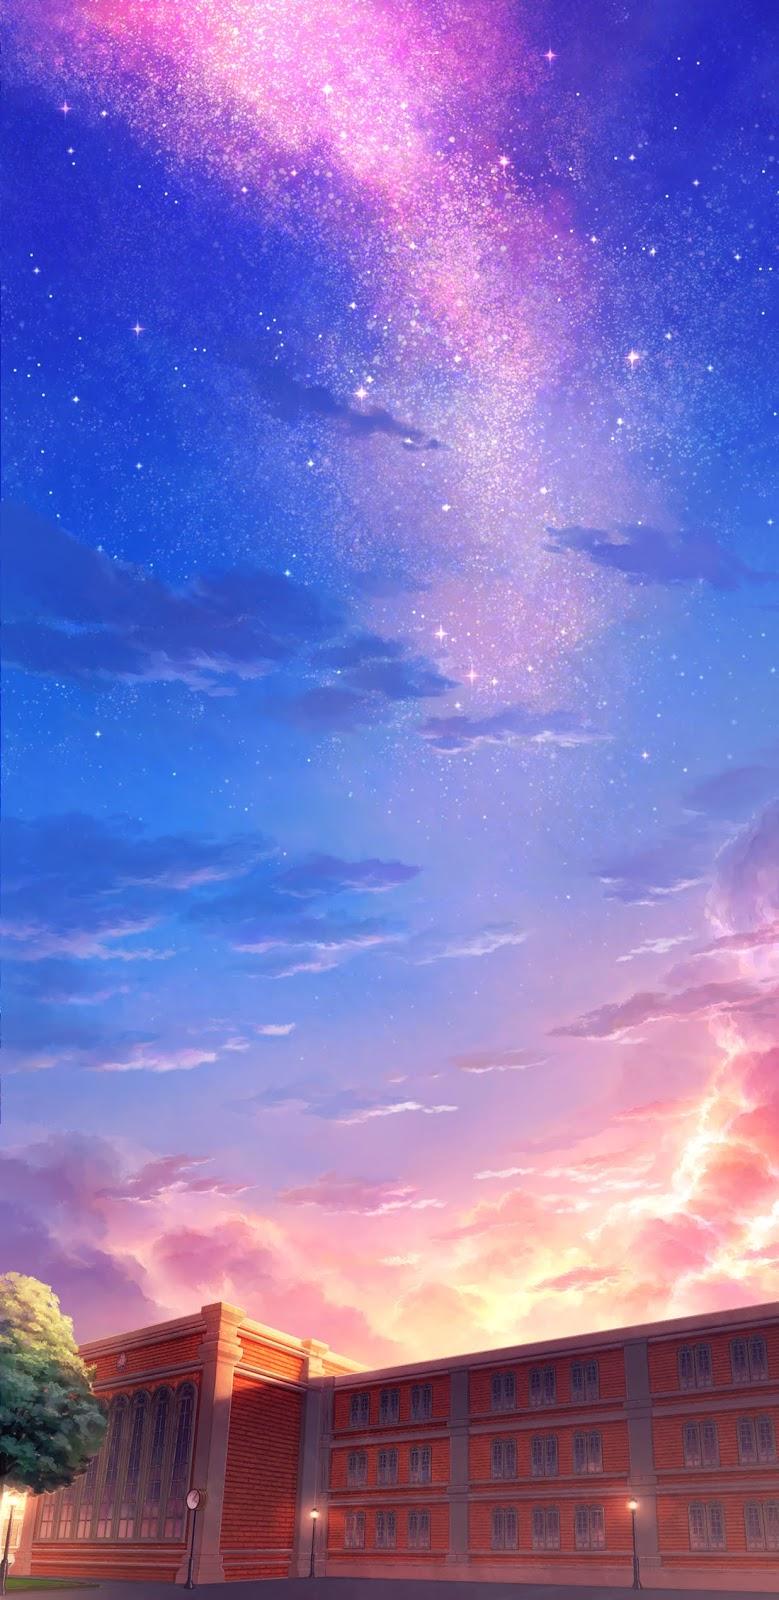 Bầu trời với các vì sao đầy sắc màu